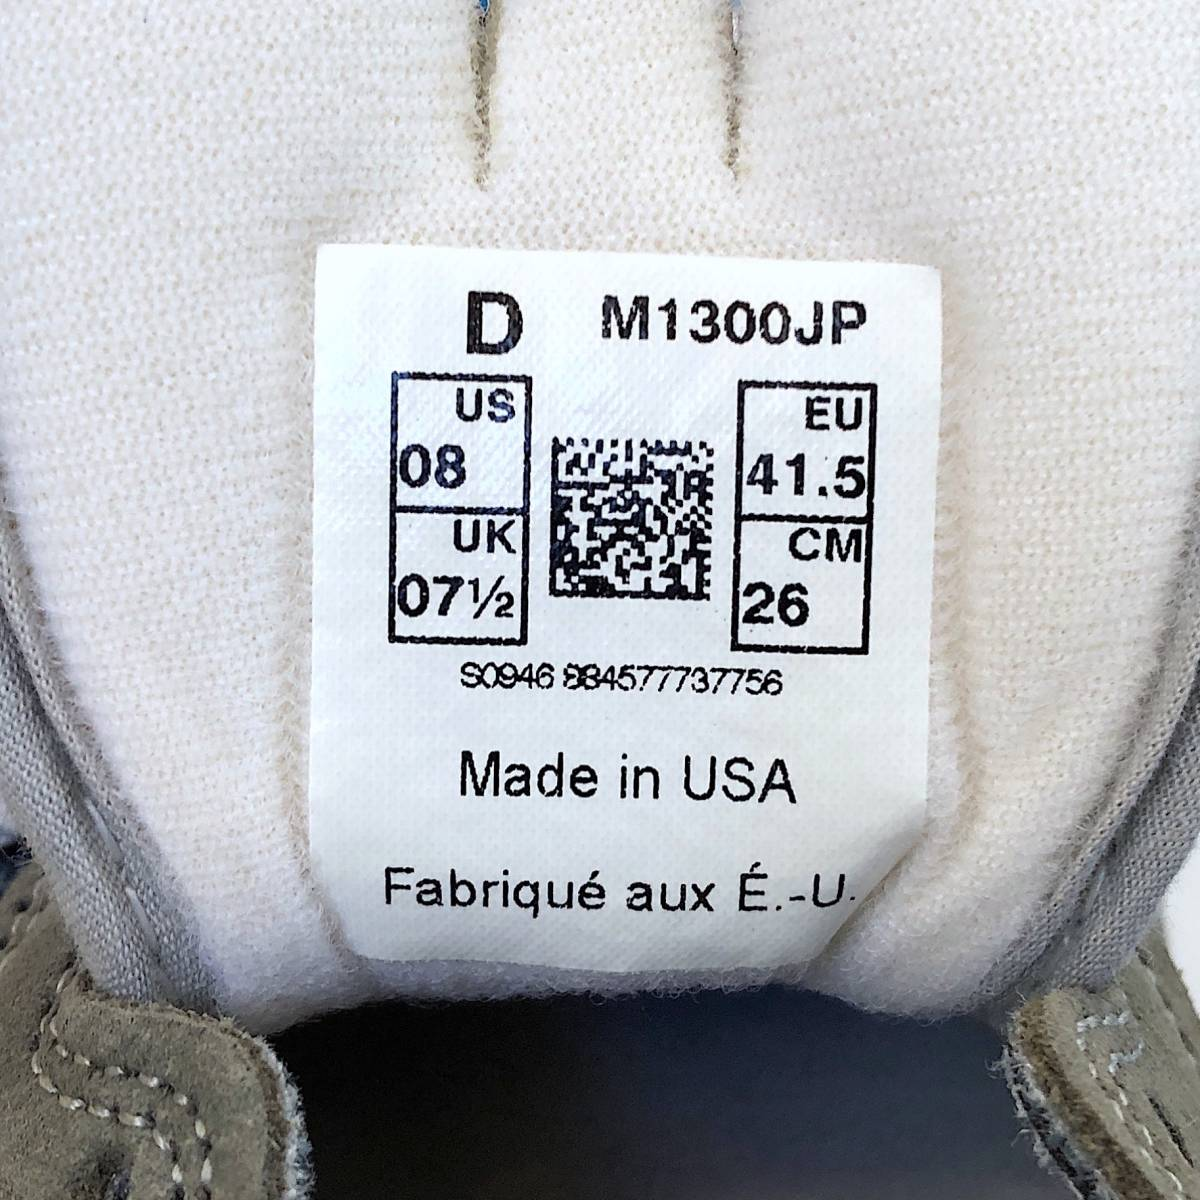 デッドストック USA製 2010年モデル NEW BALANCE M1300JP STEEL BLUE/OYSTER US8D 26cm 新品 限定 グレー 米国製 アメリカ製 復刻 M1300JP2_画像4